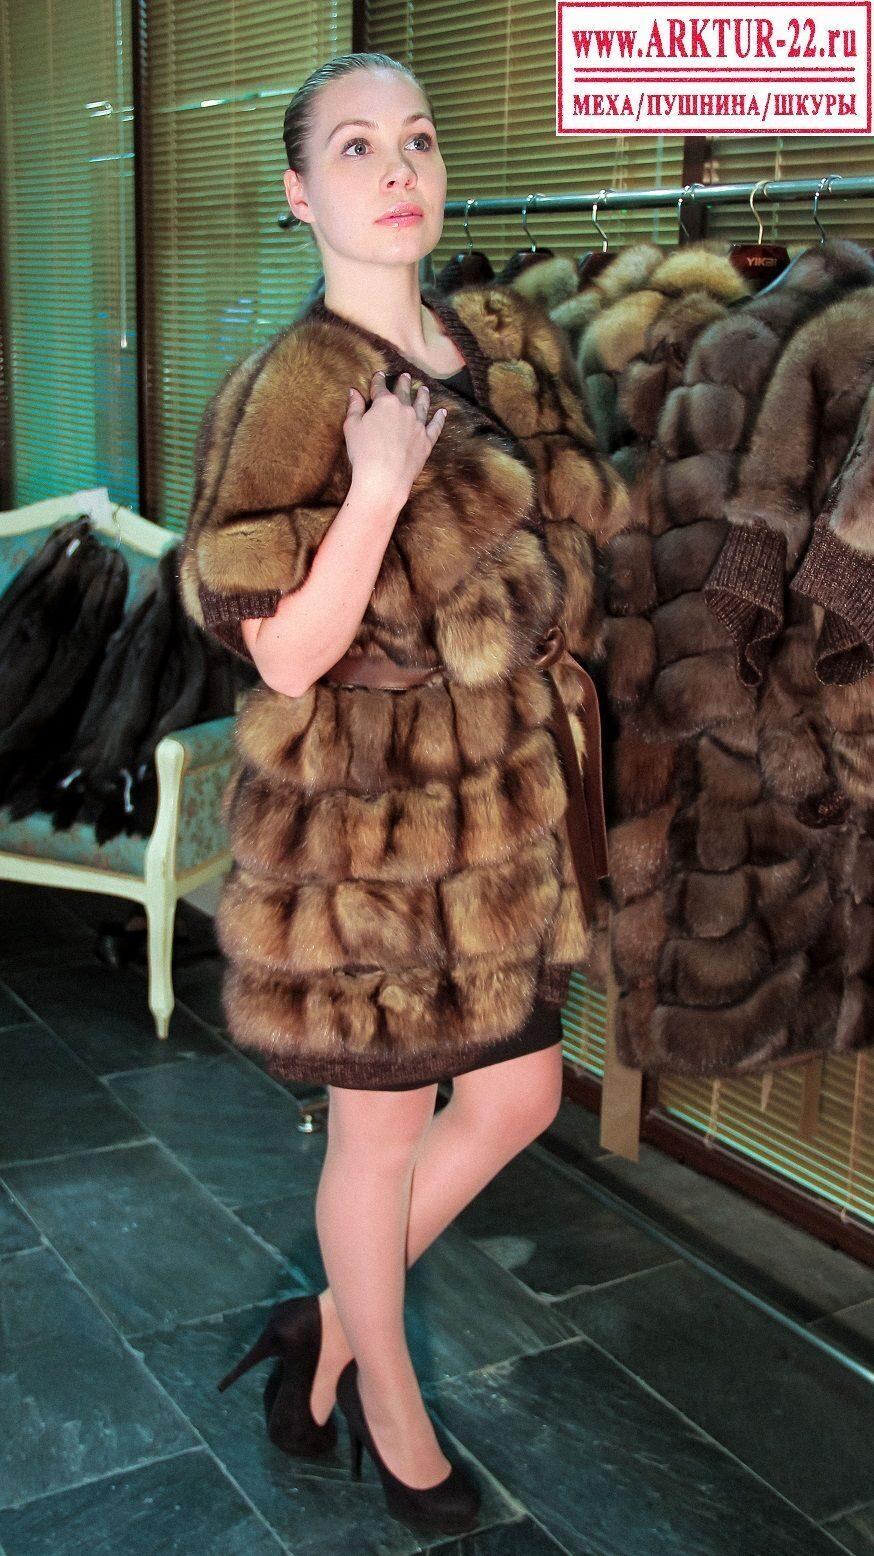 Купить павлопосадские платки с мехом в москве и области